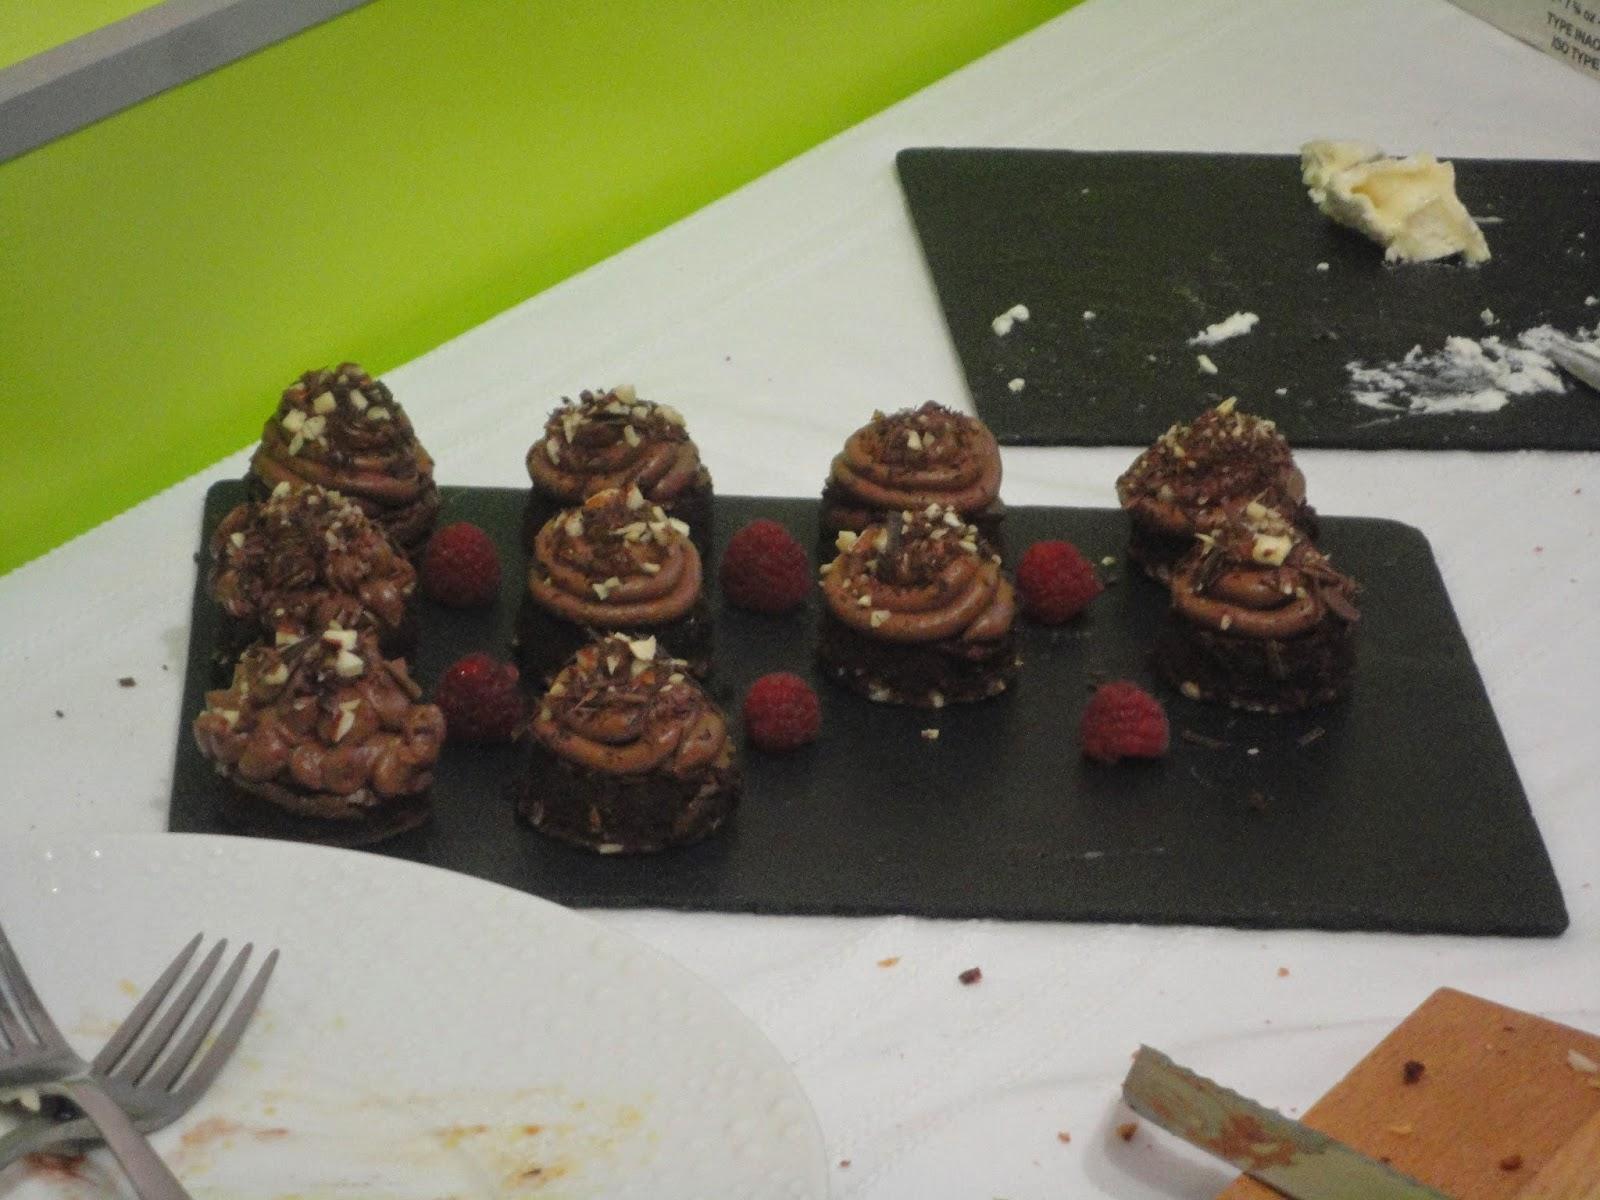 Prix goût & santé MAAF à l'Atelier 750 grammes